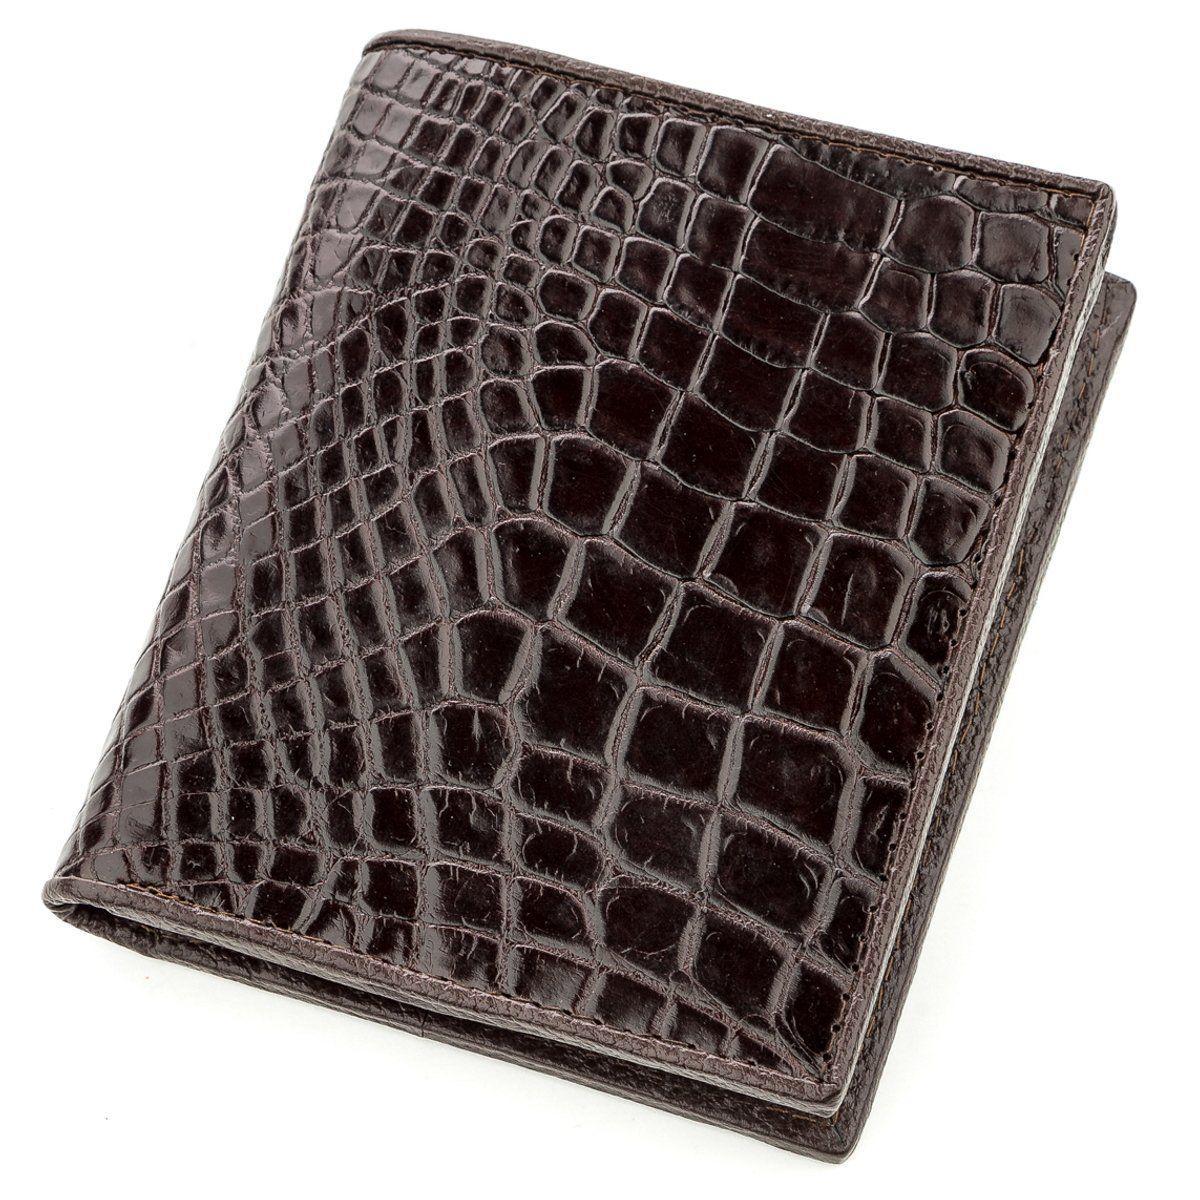 Портмоне Ekzotic Leather из натуральной кожи крокодила Коричневое (cw 113)